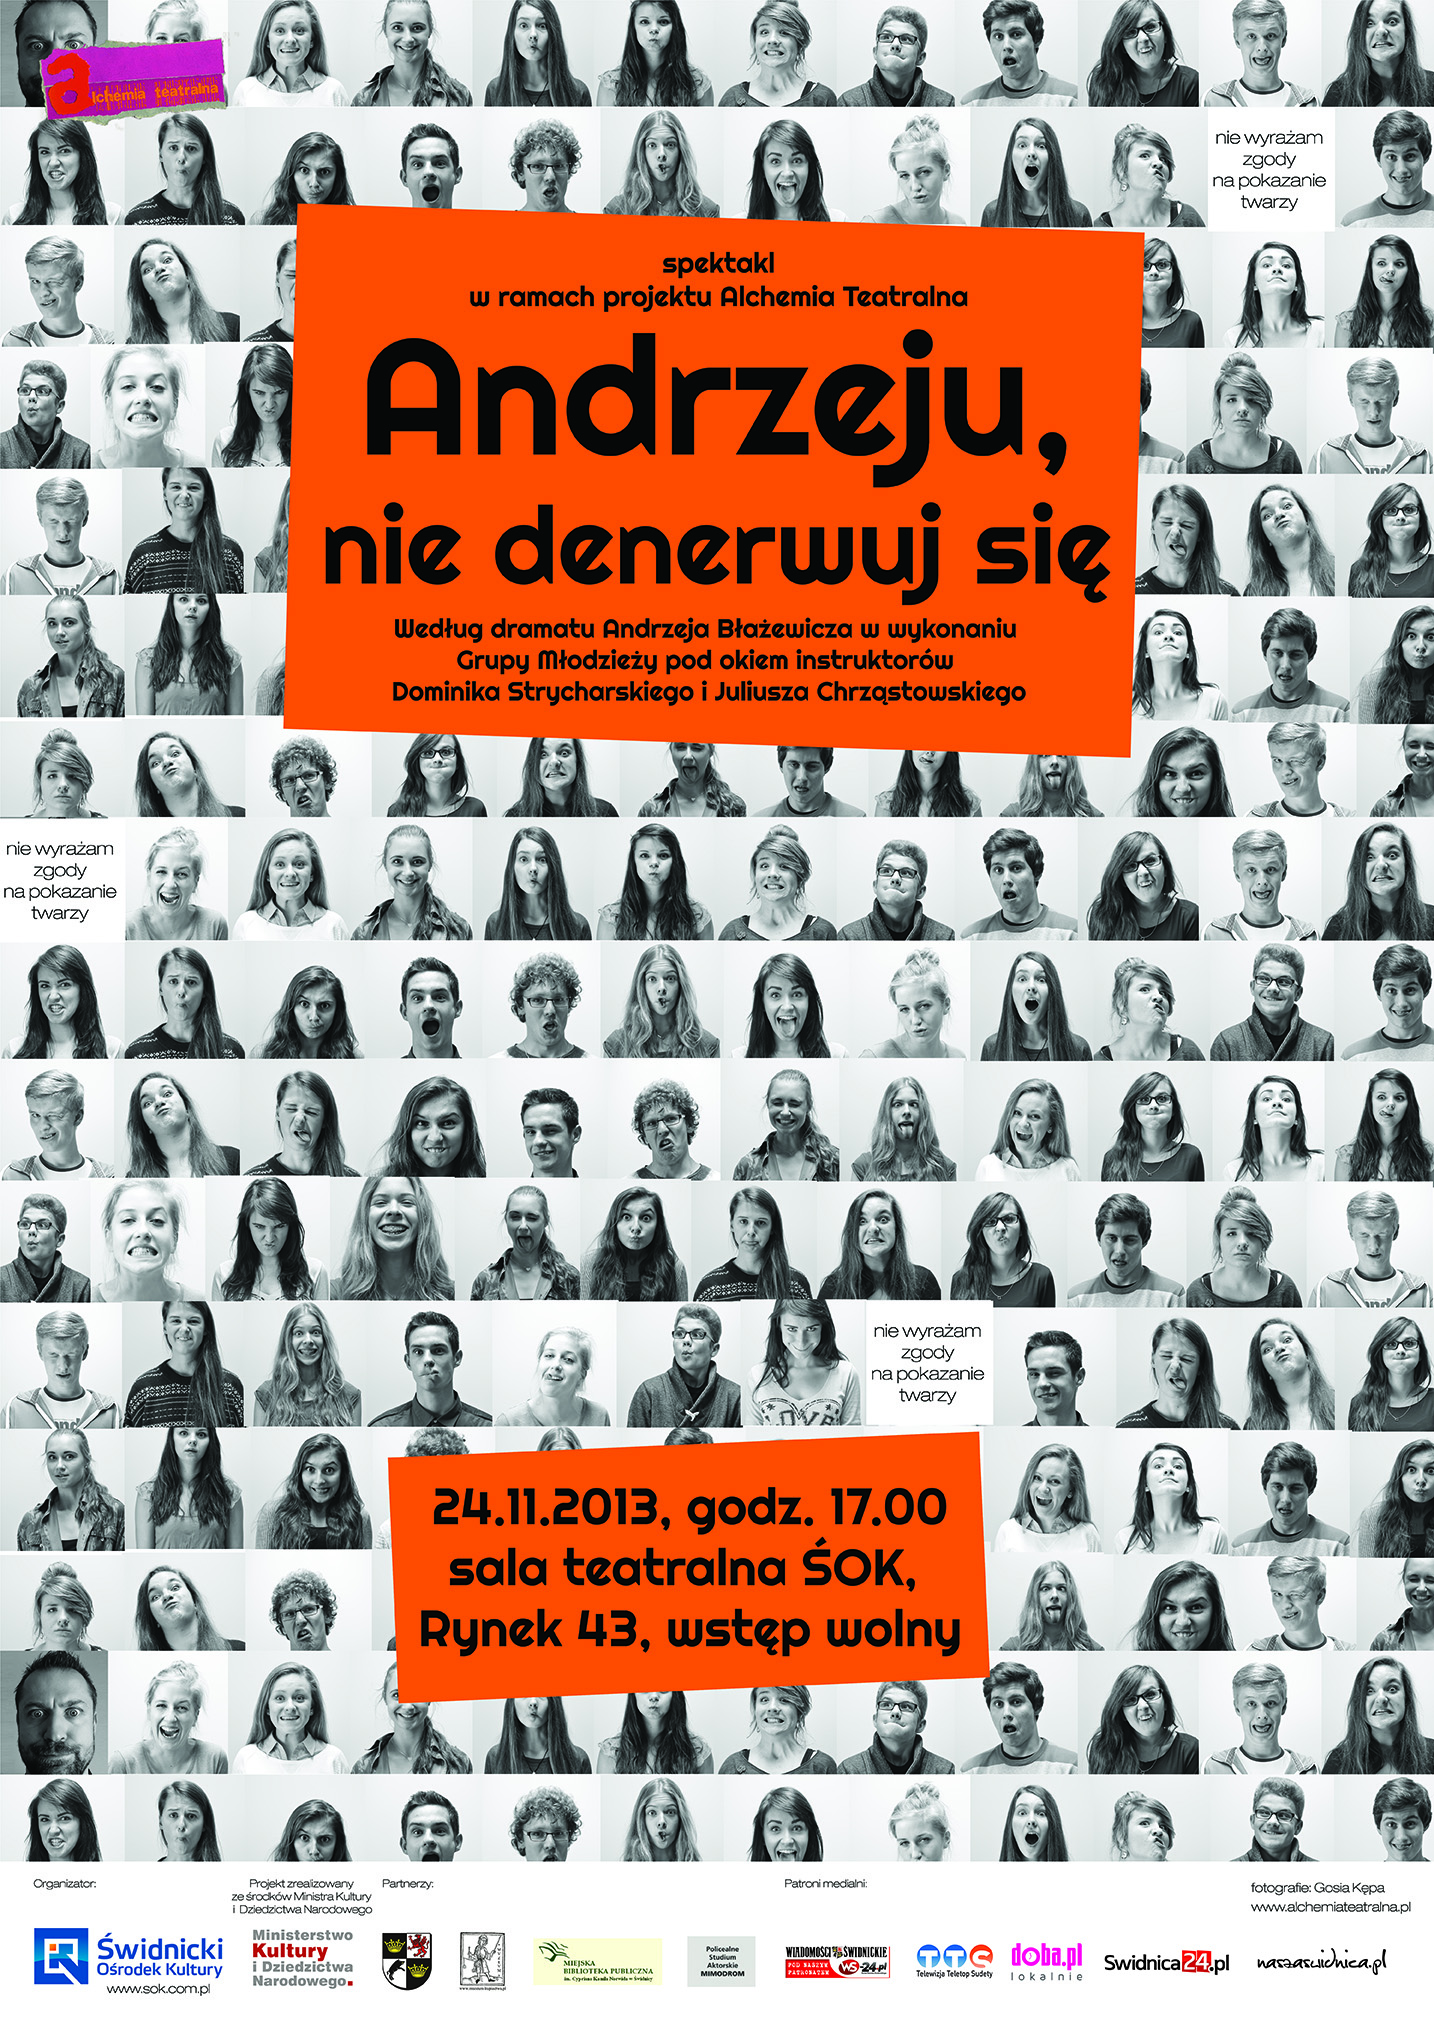 Alchemia Teatralna: Andrzeju, nie denerwuj się [spektakl]